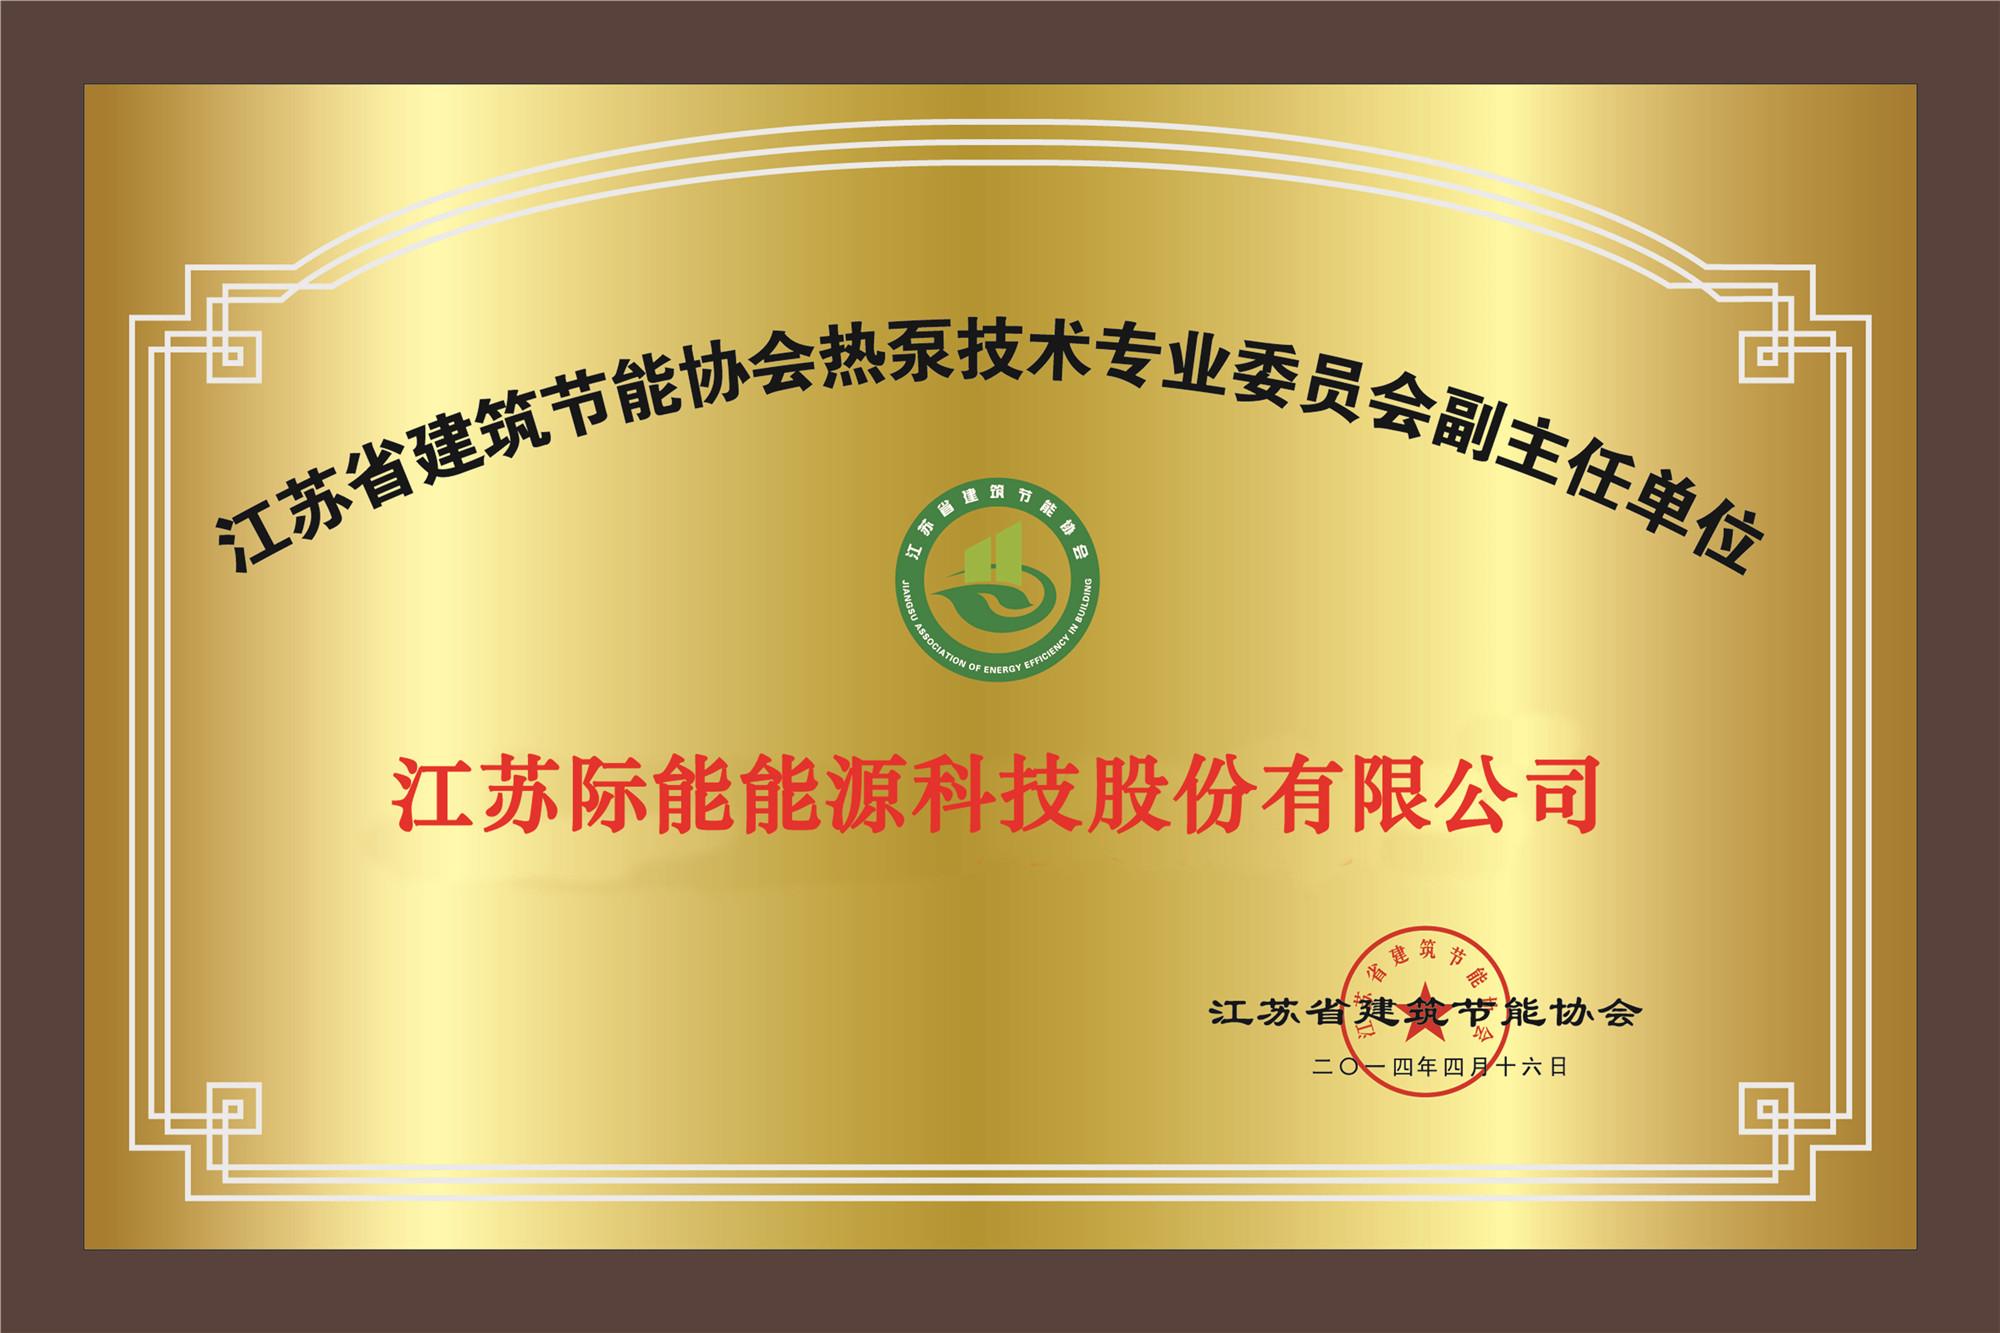 江苏省建筑节能协会热泵技术专业委员会副主任单位